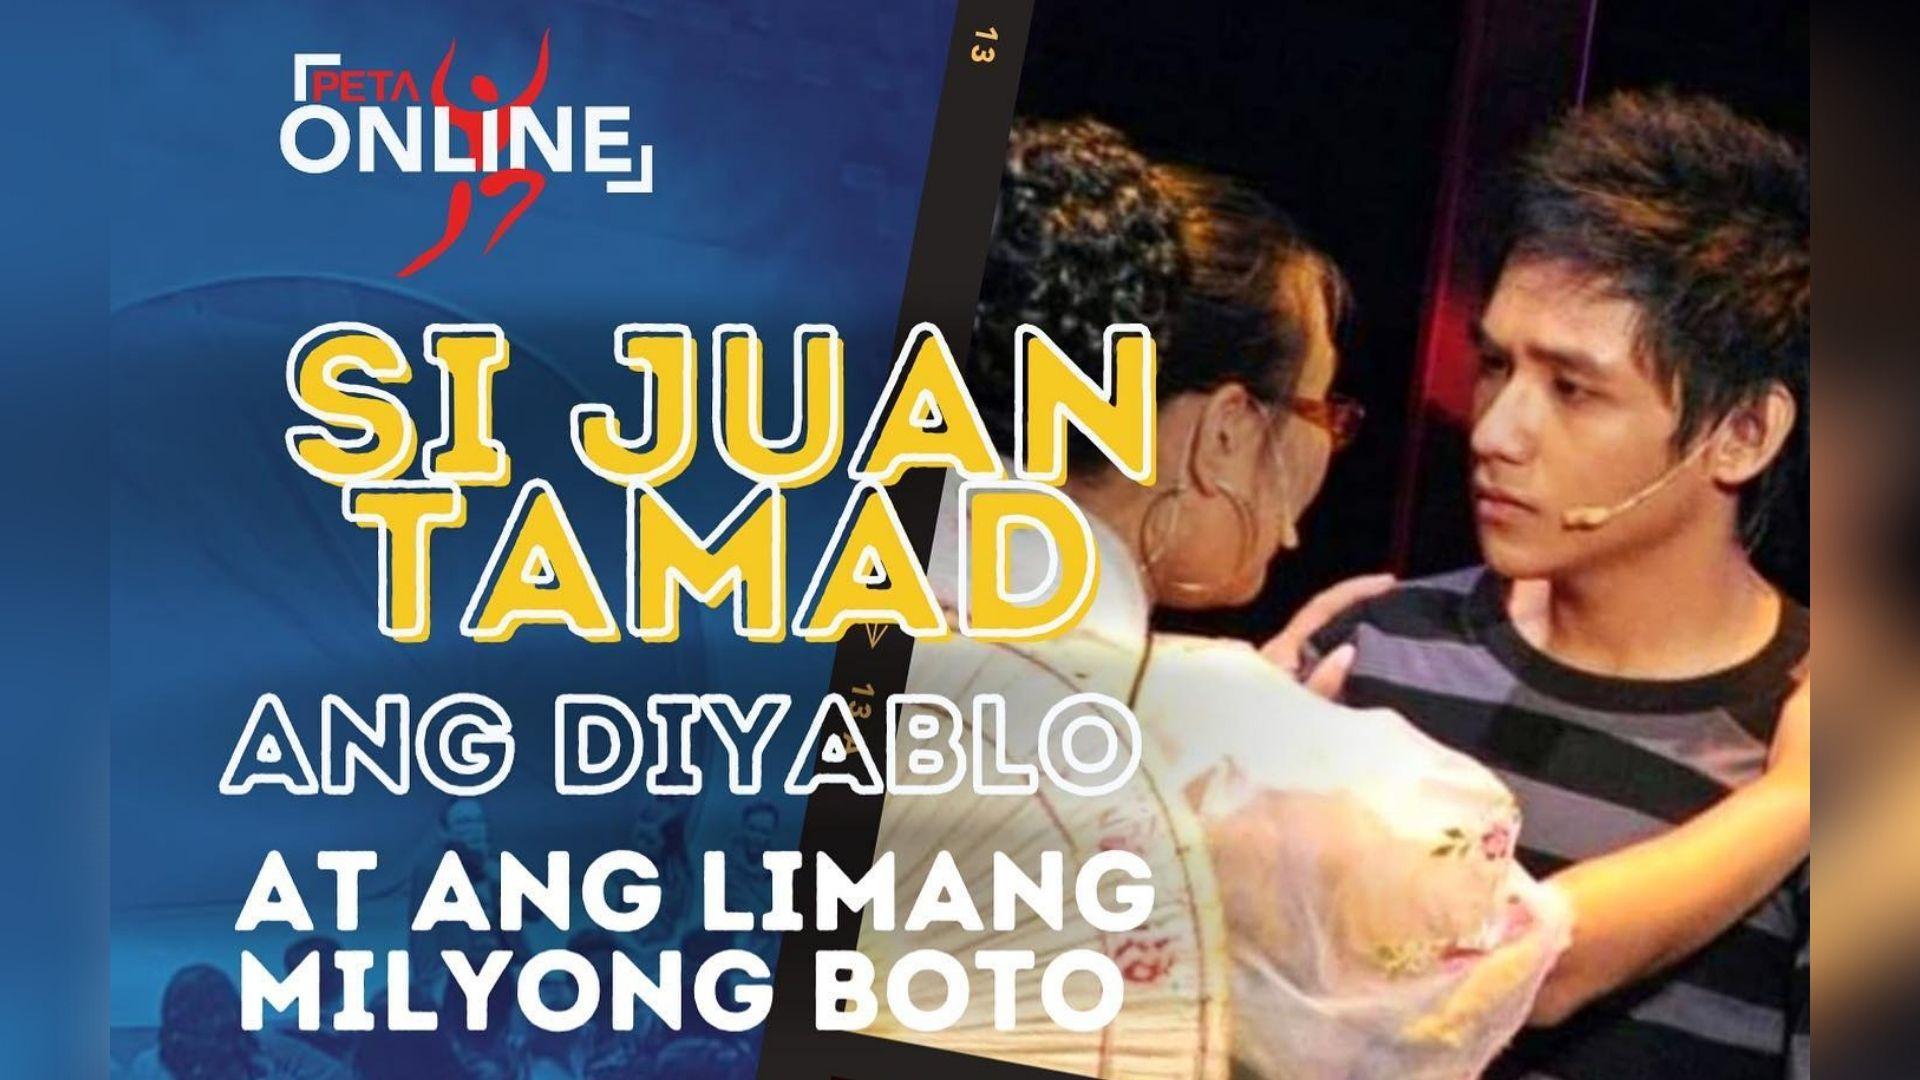 Si Juan Tamad, ang Diyablo, at ang Limang Milyong Boto